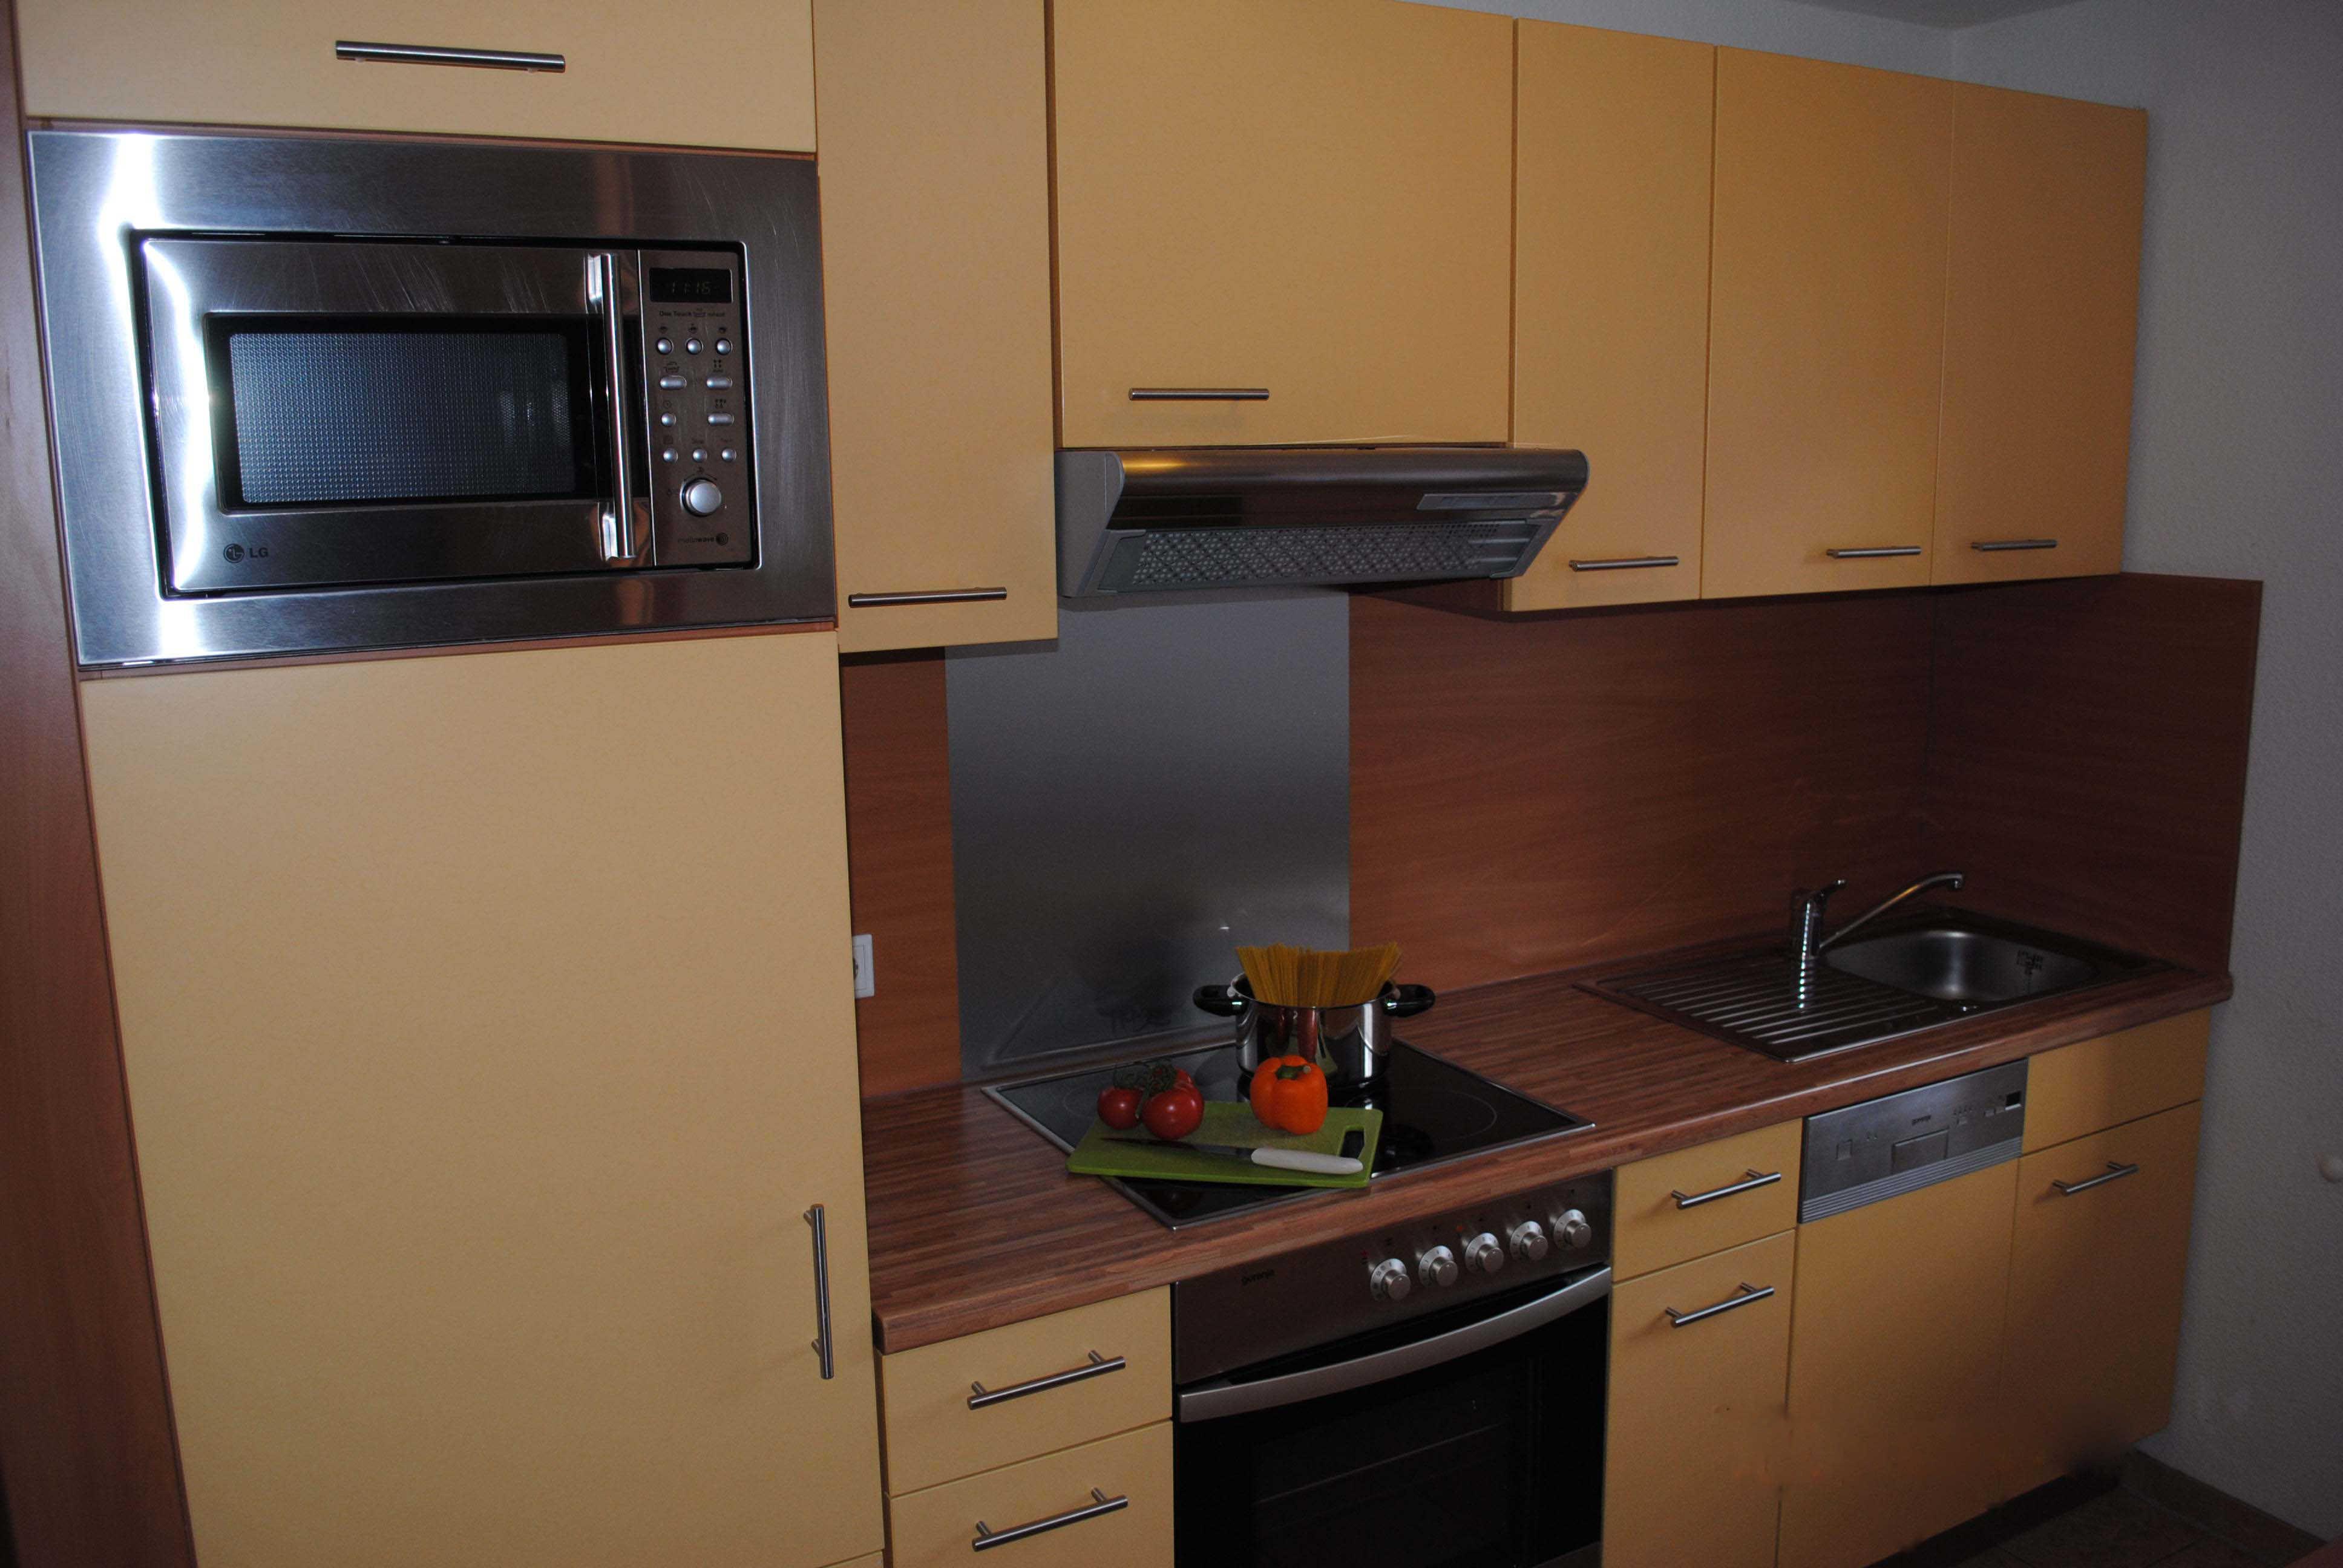 Die Küche lässt keine Wünsche offen! (Spülmaschine, Mikrowelle etc.)